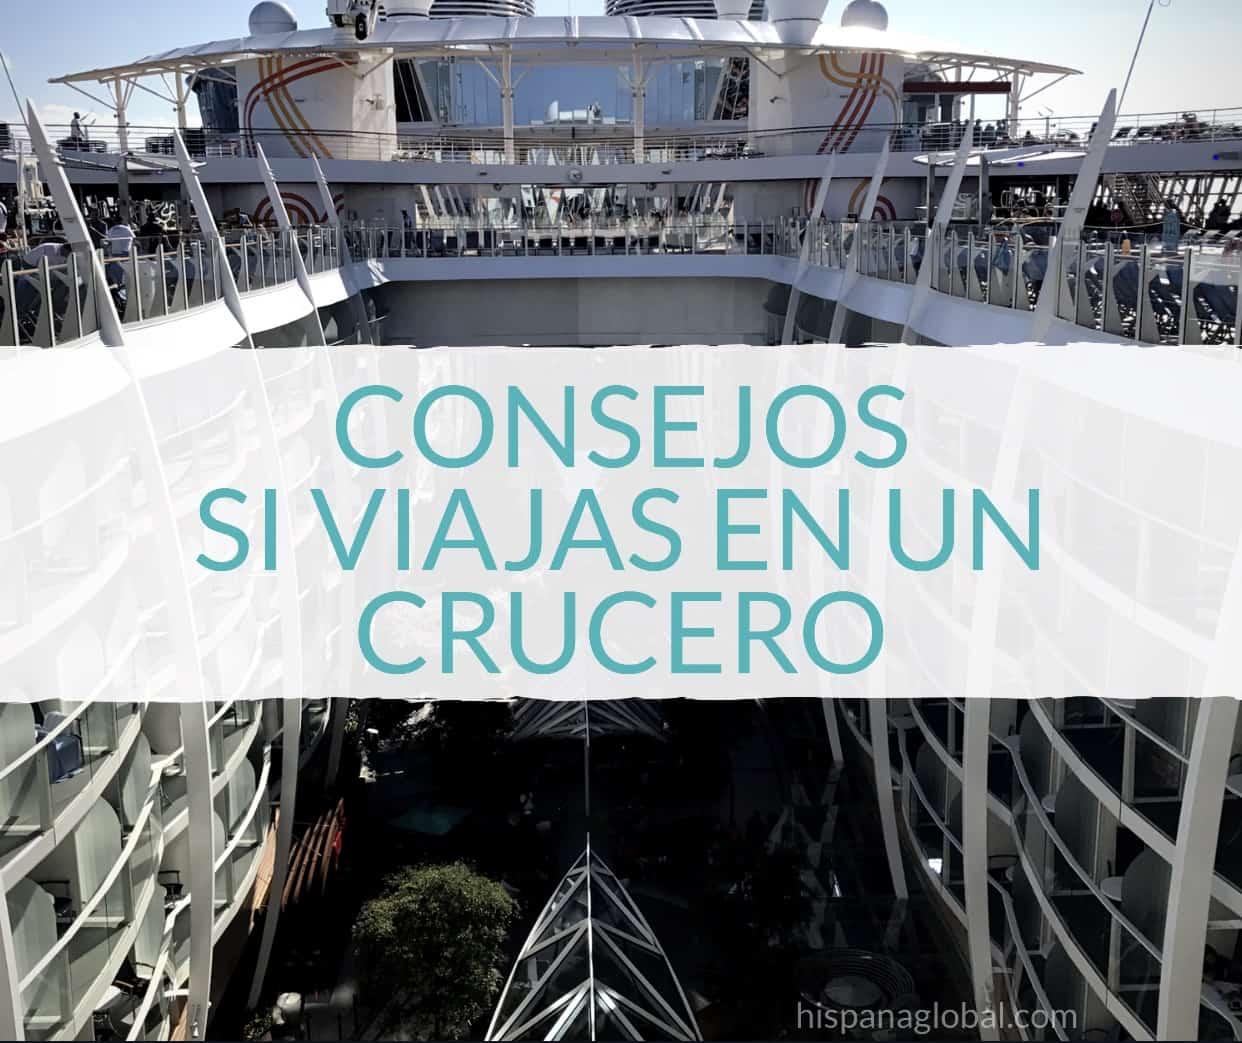 Los mejores consejos si viajas en un crucero - Hispana Global